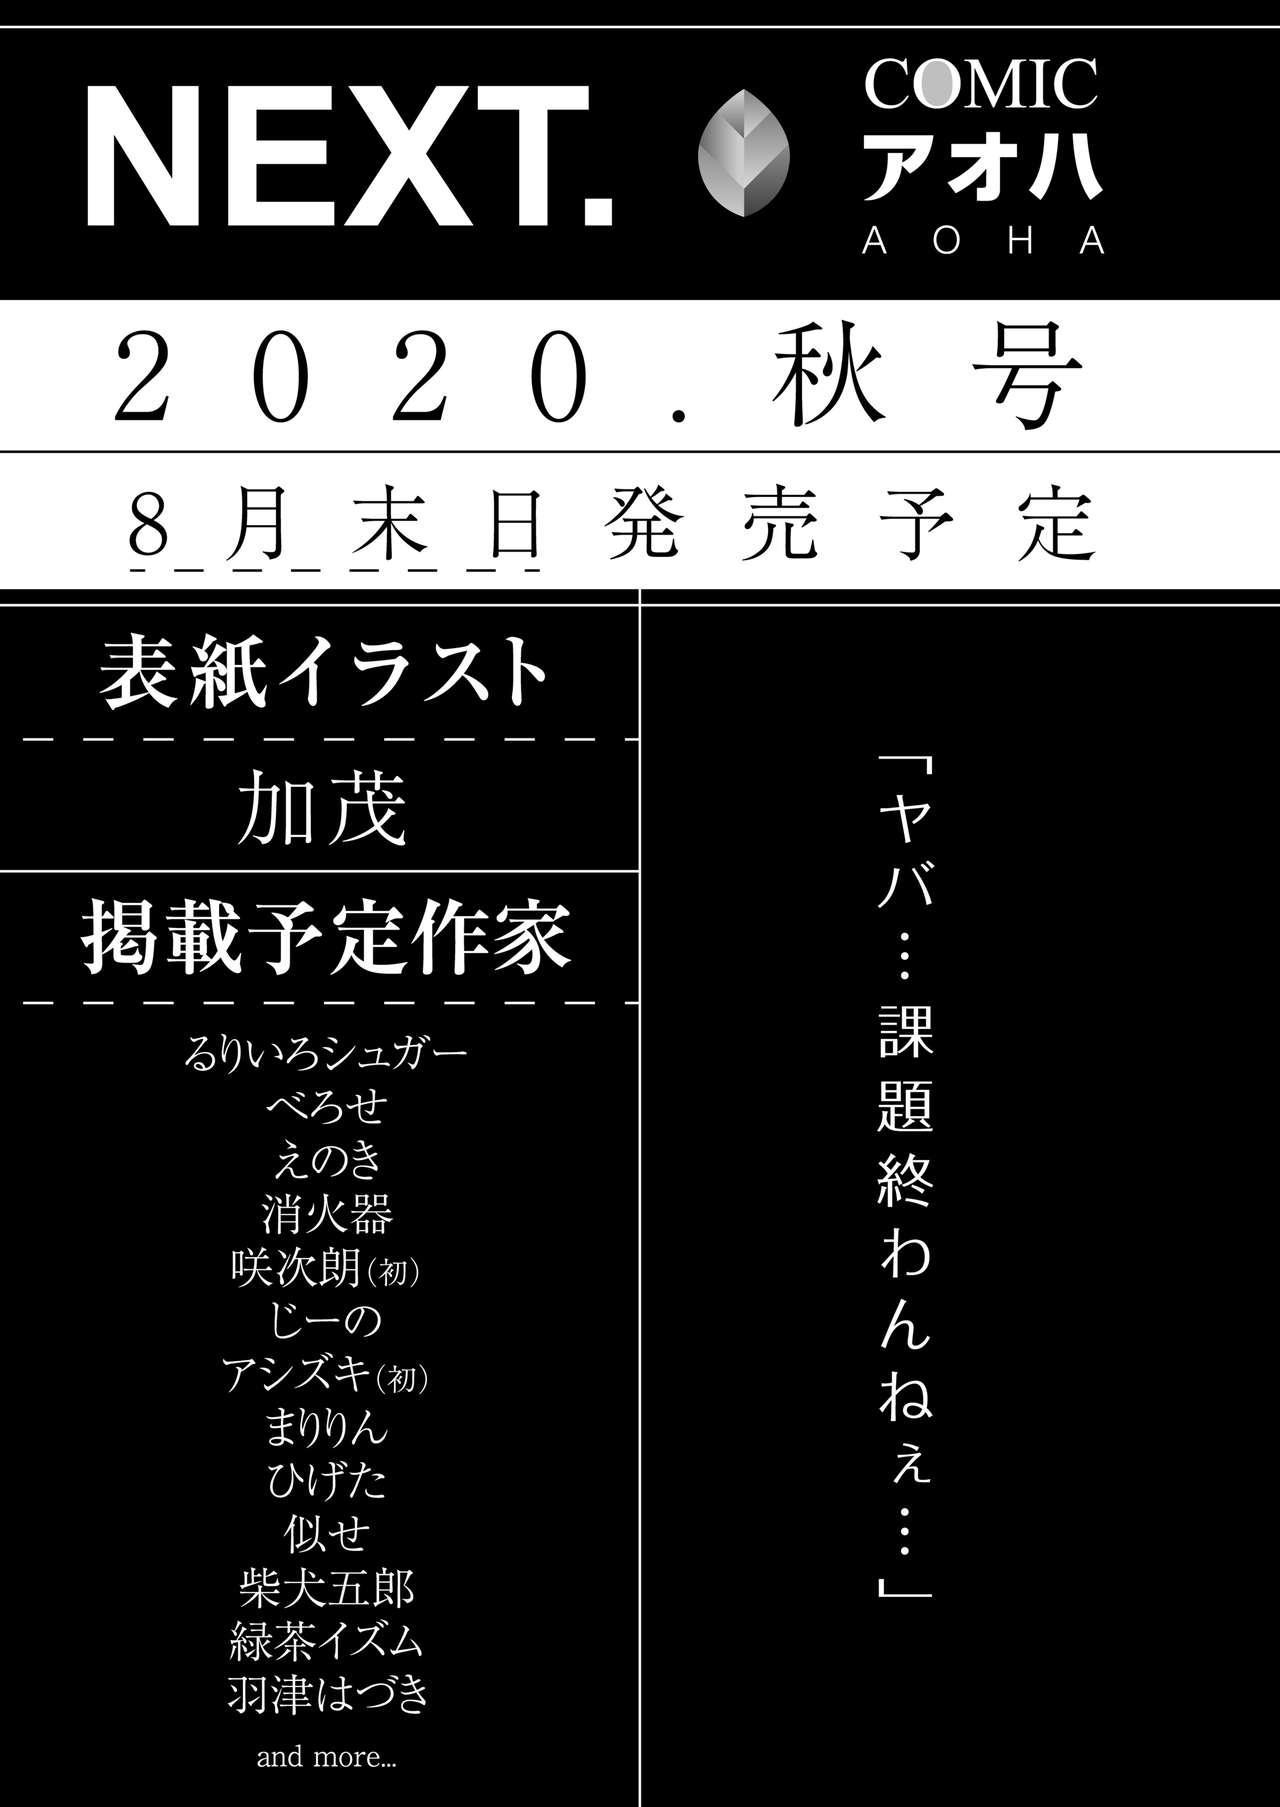 COMIC AOHA 2020 Natsu 382